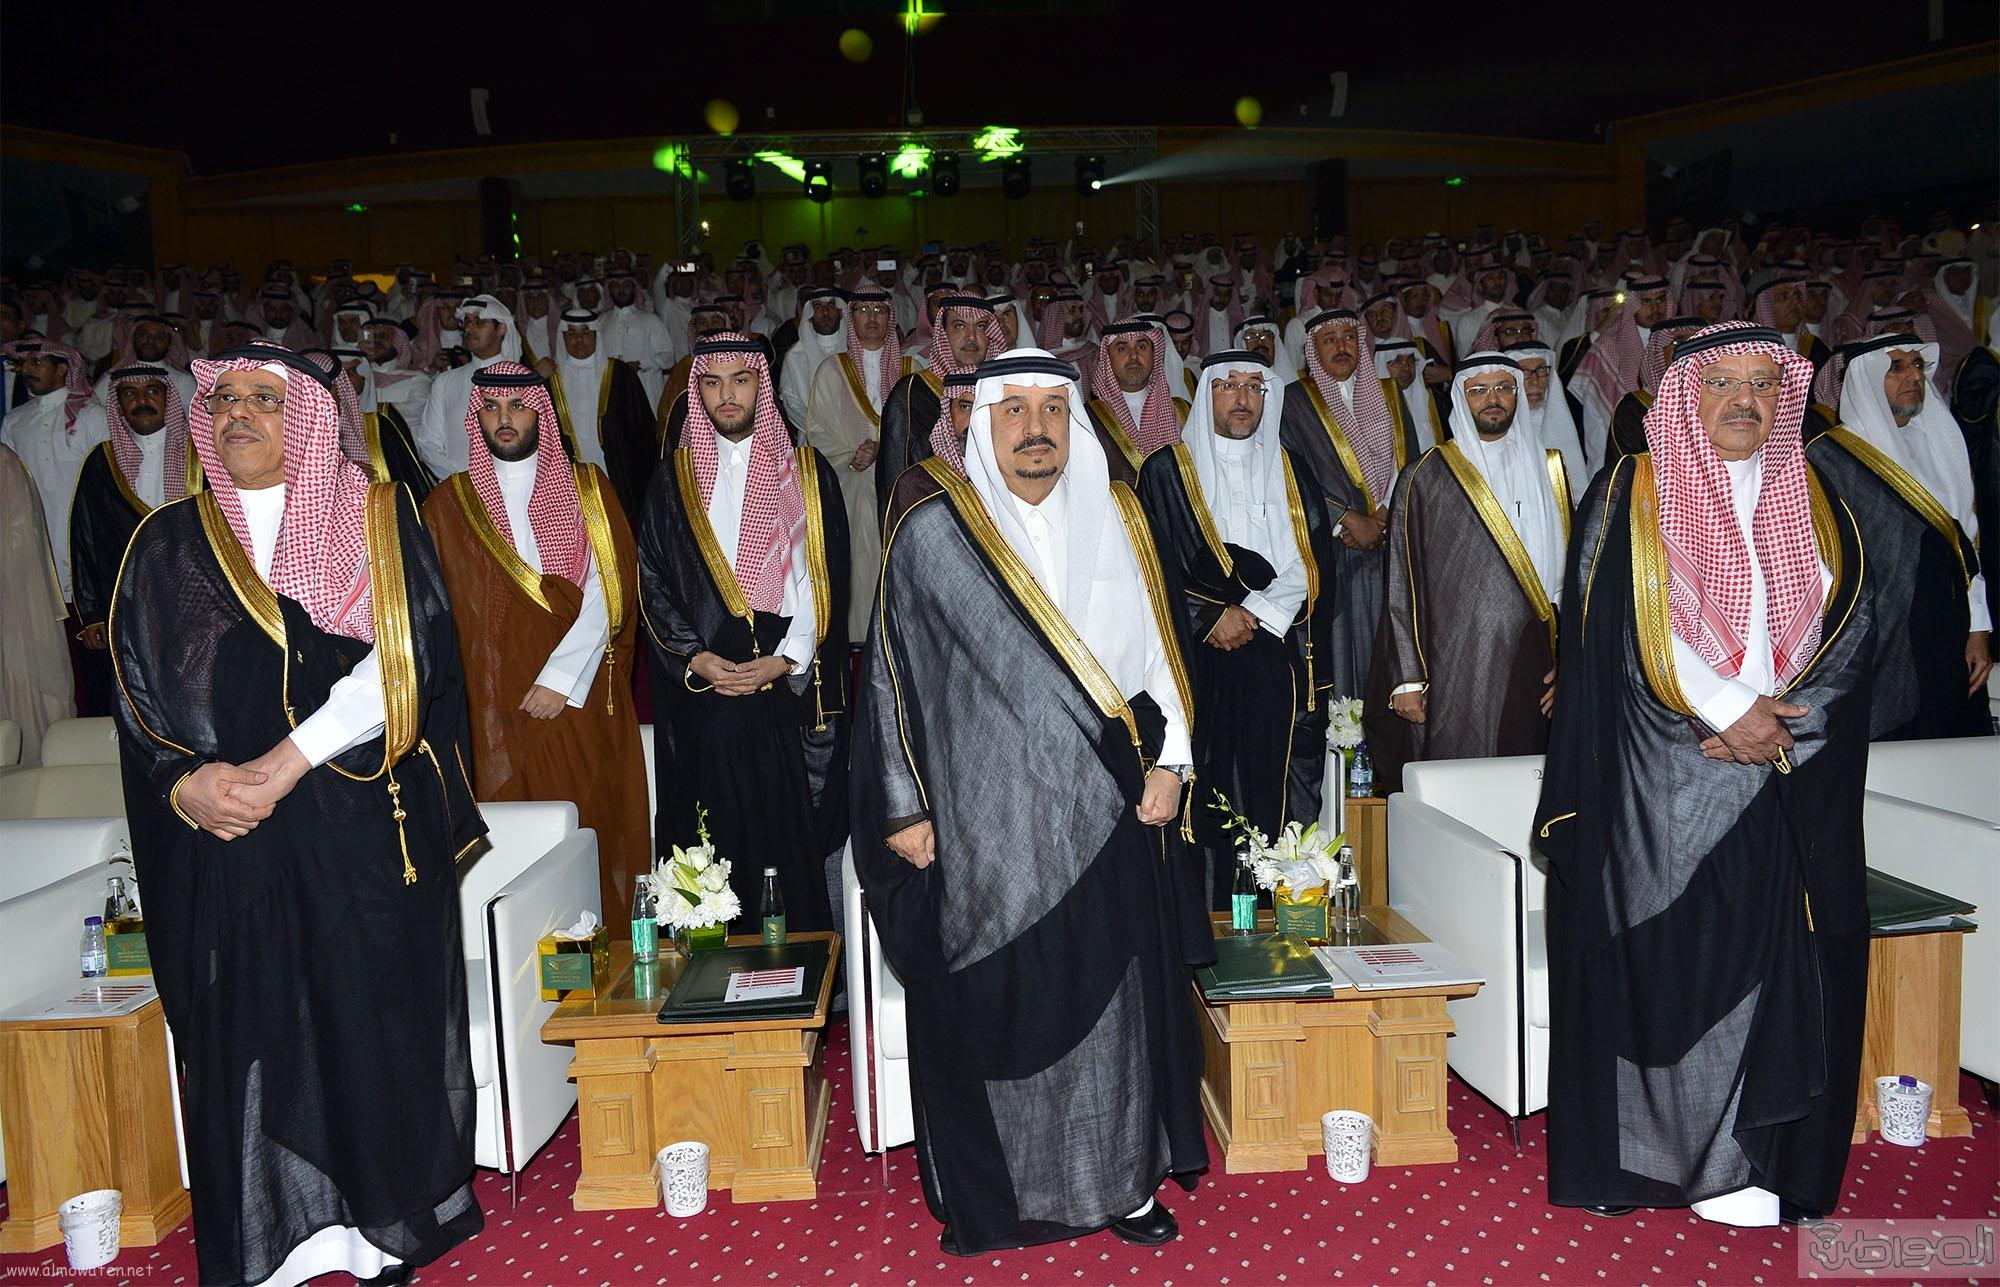 امير الرياض يرعى تخريج طلاب جامعة دار العلوم (1)